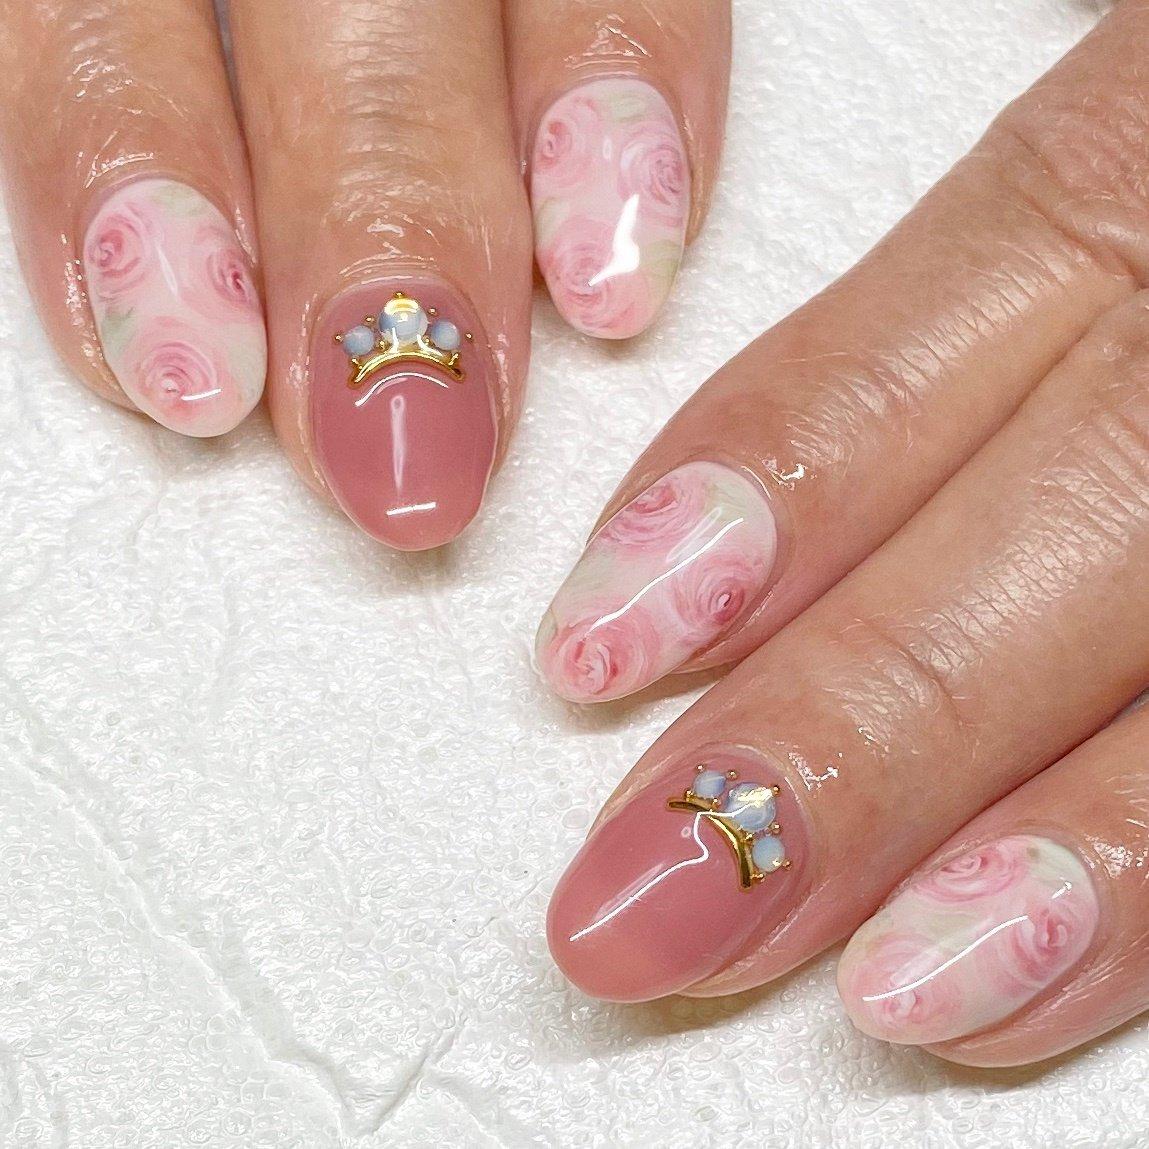 3月おすすめデザイン✨少し色を変えて・・ふんわりな薔薇🌹いつも有難うございます#ふんわりフラワー #春#フラワー#大人可愛い#薔薇ネイル #千葉市美浜区#検見川浜 #春 #ハンド #フラワー #ピンク #ジェル #お客様 #nail salon Lamer(ラメール) #ネイルブック